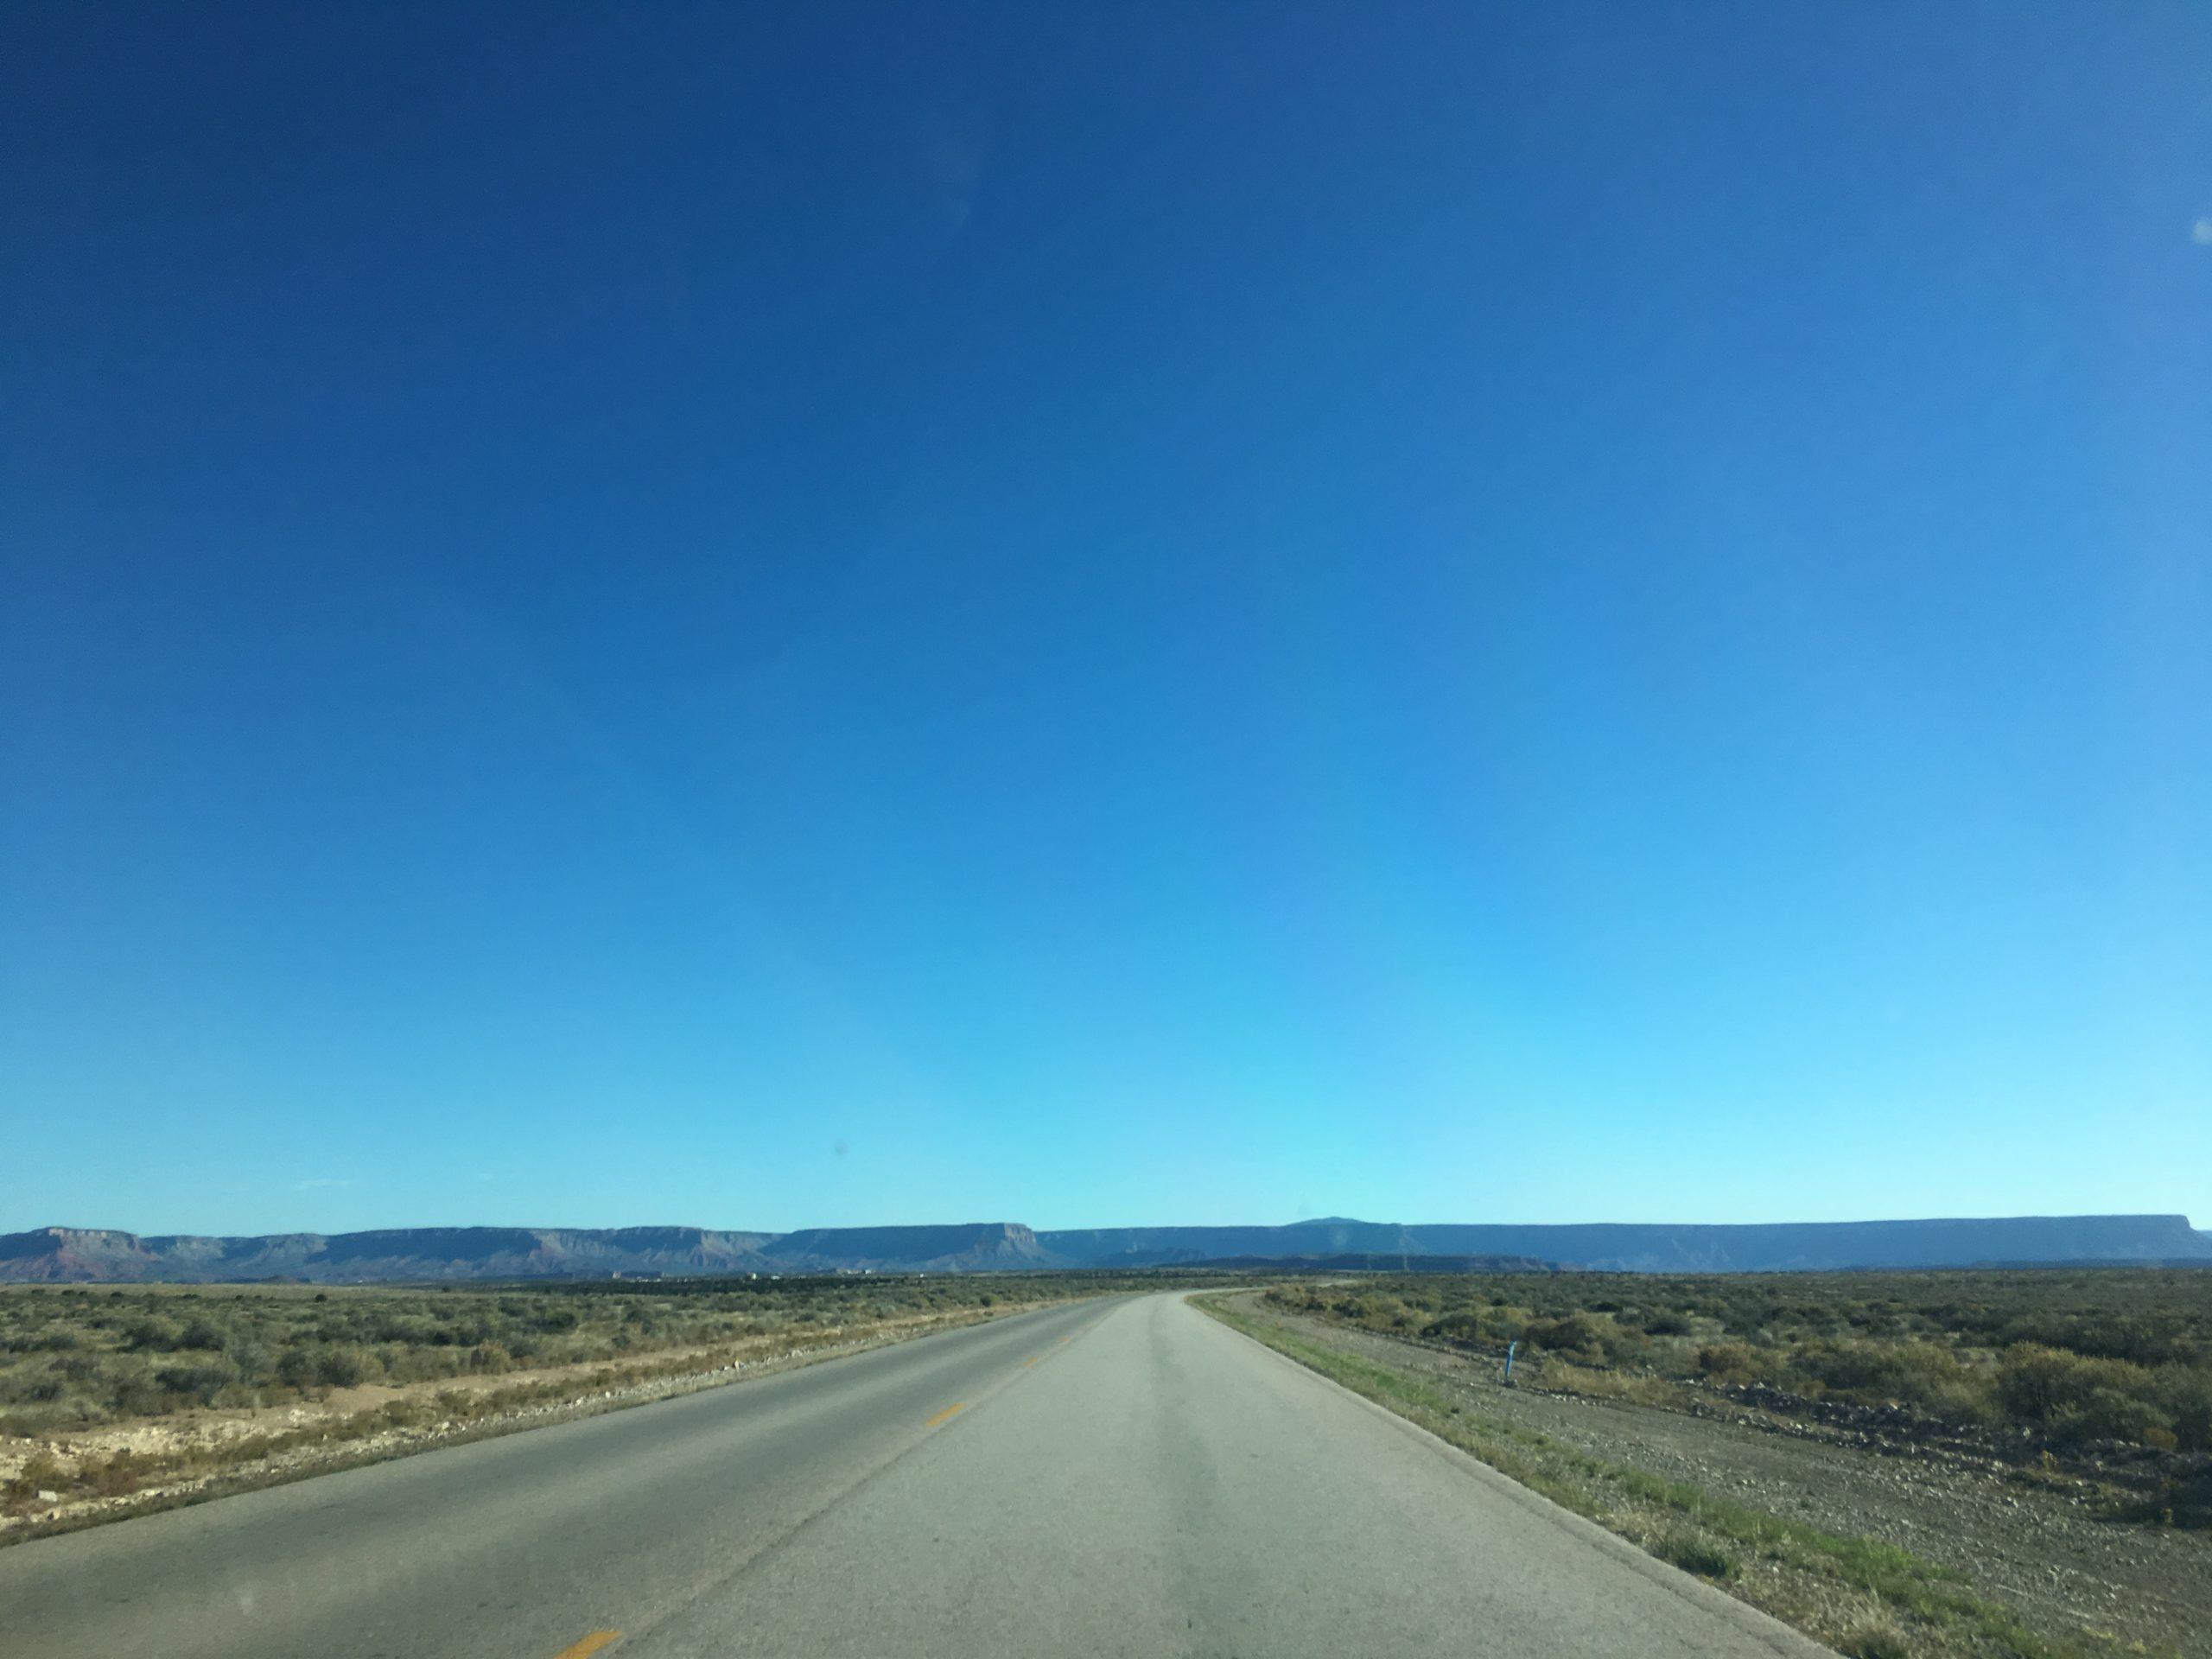 アメリカの高速